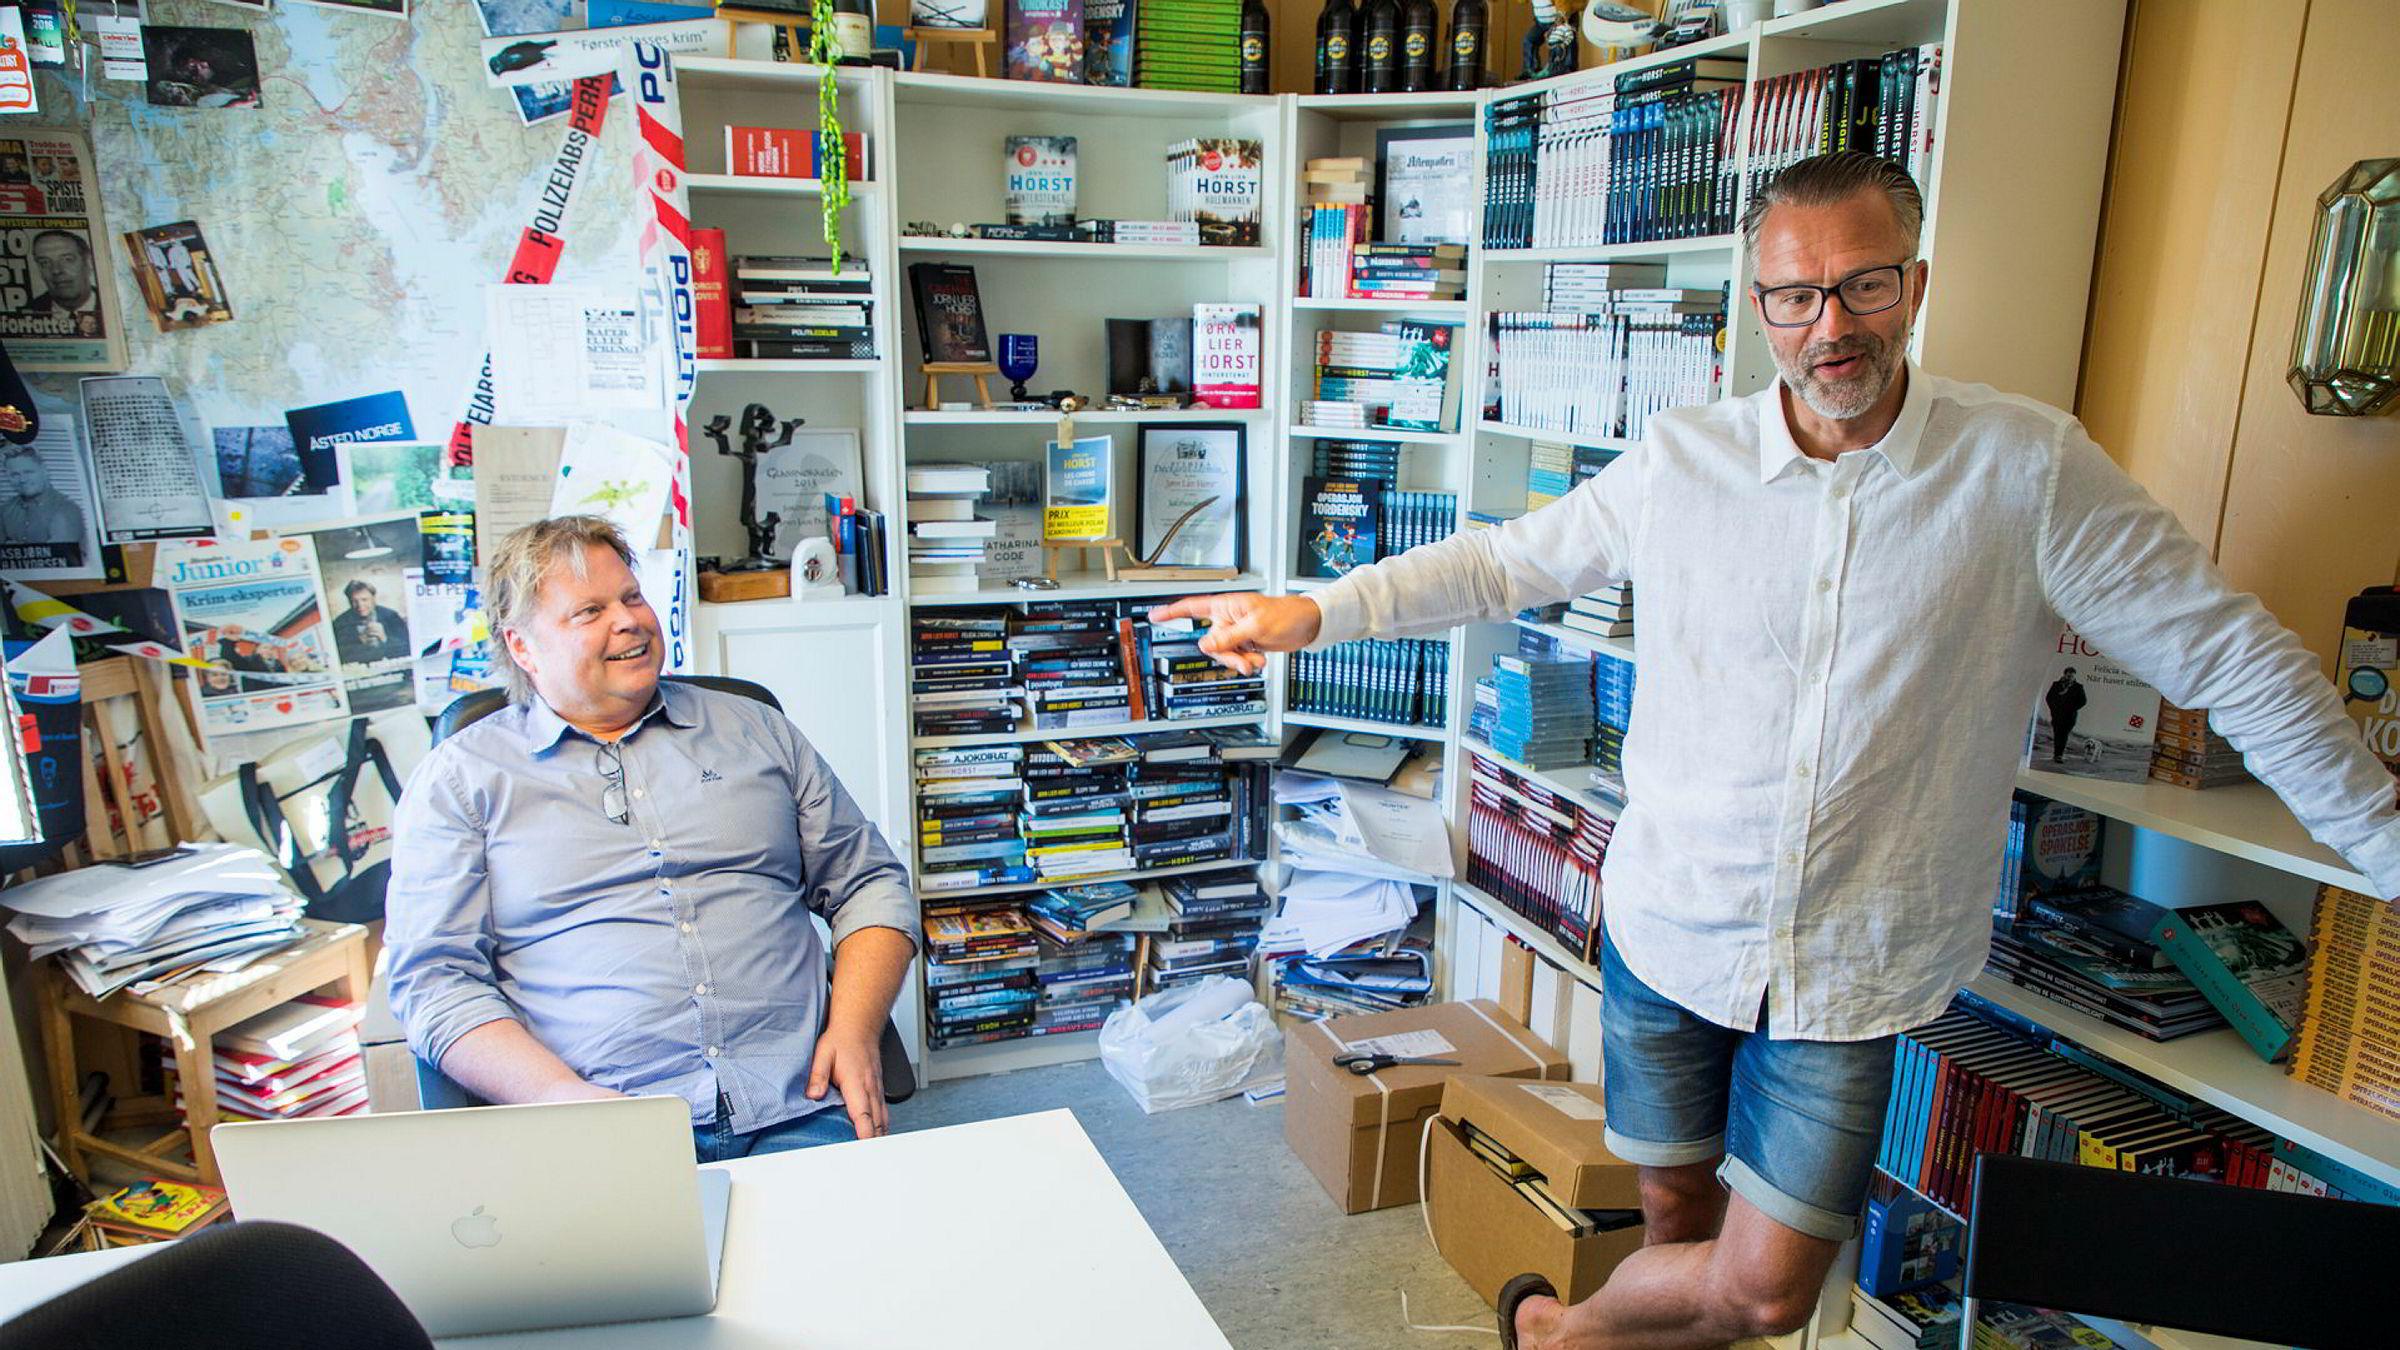 Forfatteren Jørn Lier Horst (til venstre) i sin skrivestue med medforfatter Thomas Enger. De har stor salgssuksess med krimromanen «Nullpunkt». Boken er også første utgivelse på Horsts nyopprettede forlag Capitana.